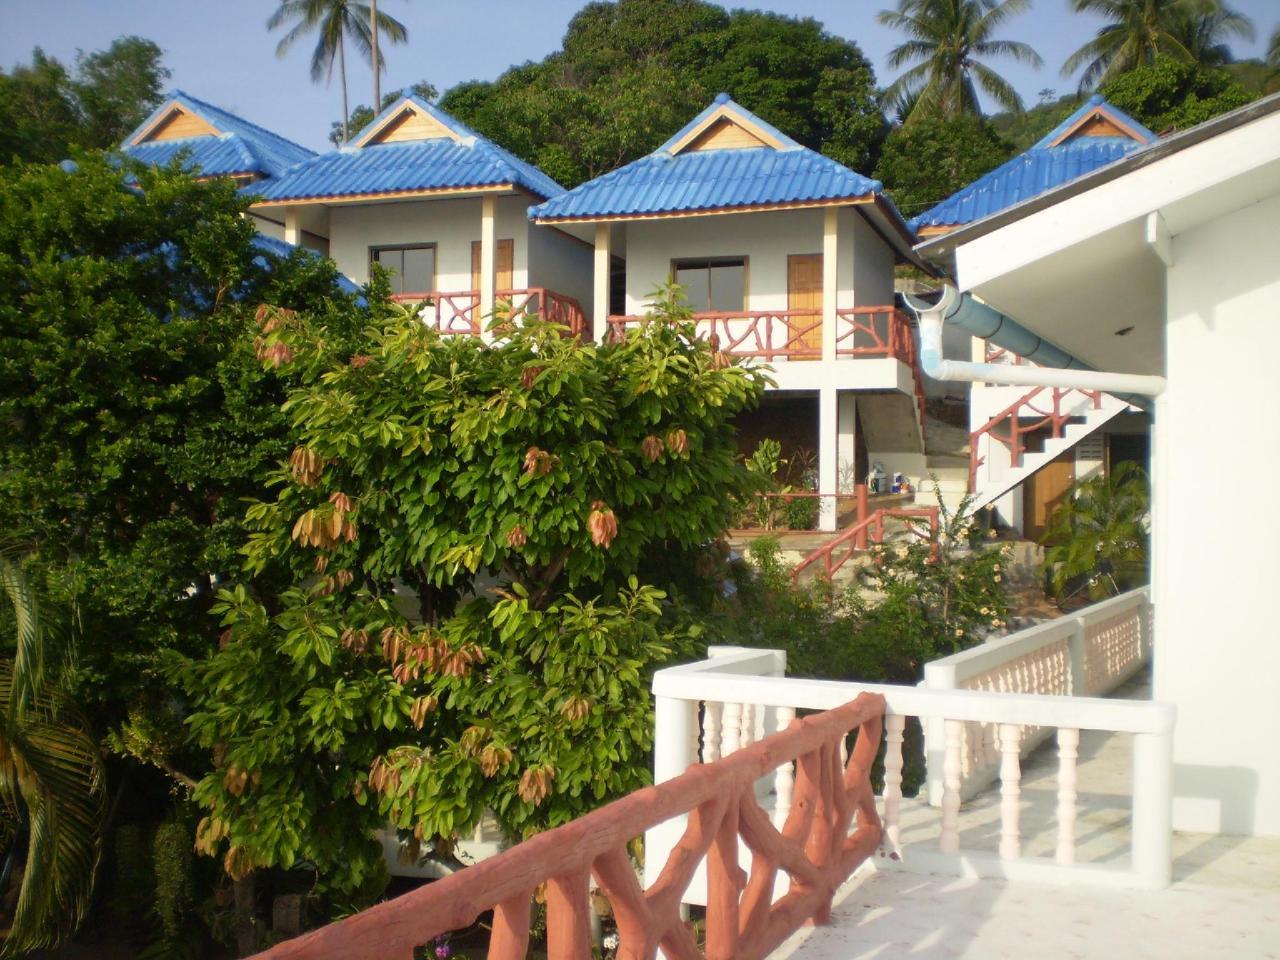 จาไมก้า อินน์ เกาะพะงัน (Jamaica Inn Koh Phangan)